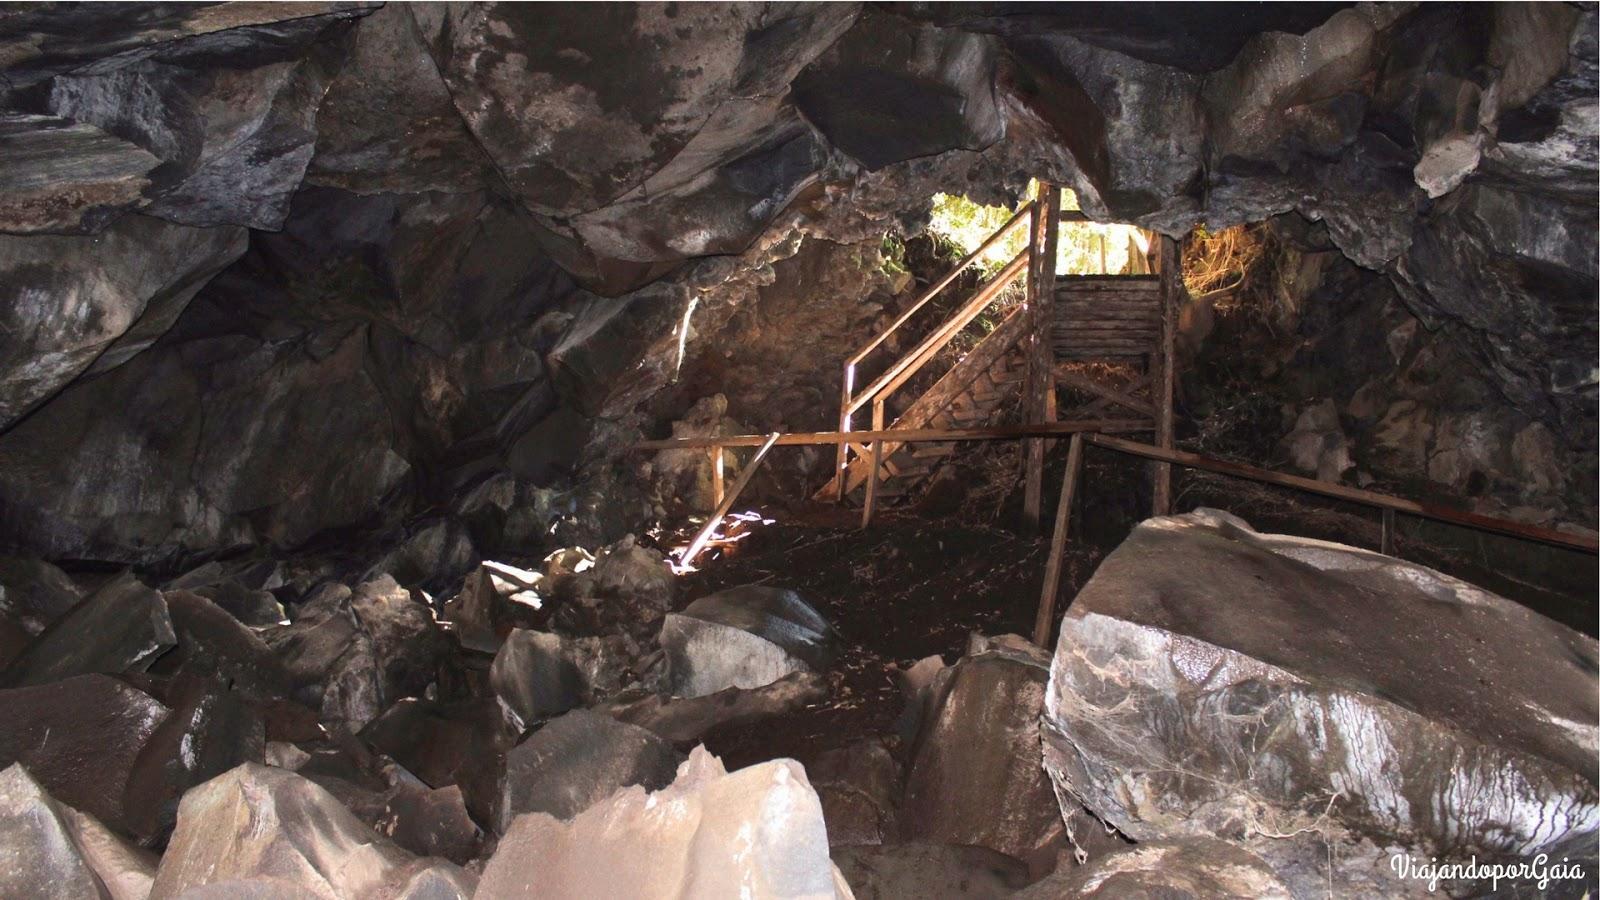 Interior de la Cueva del sendero Cuevas Volcánicas, baja con precaución, ya que hay mucha humedad.